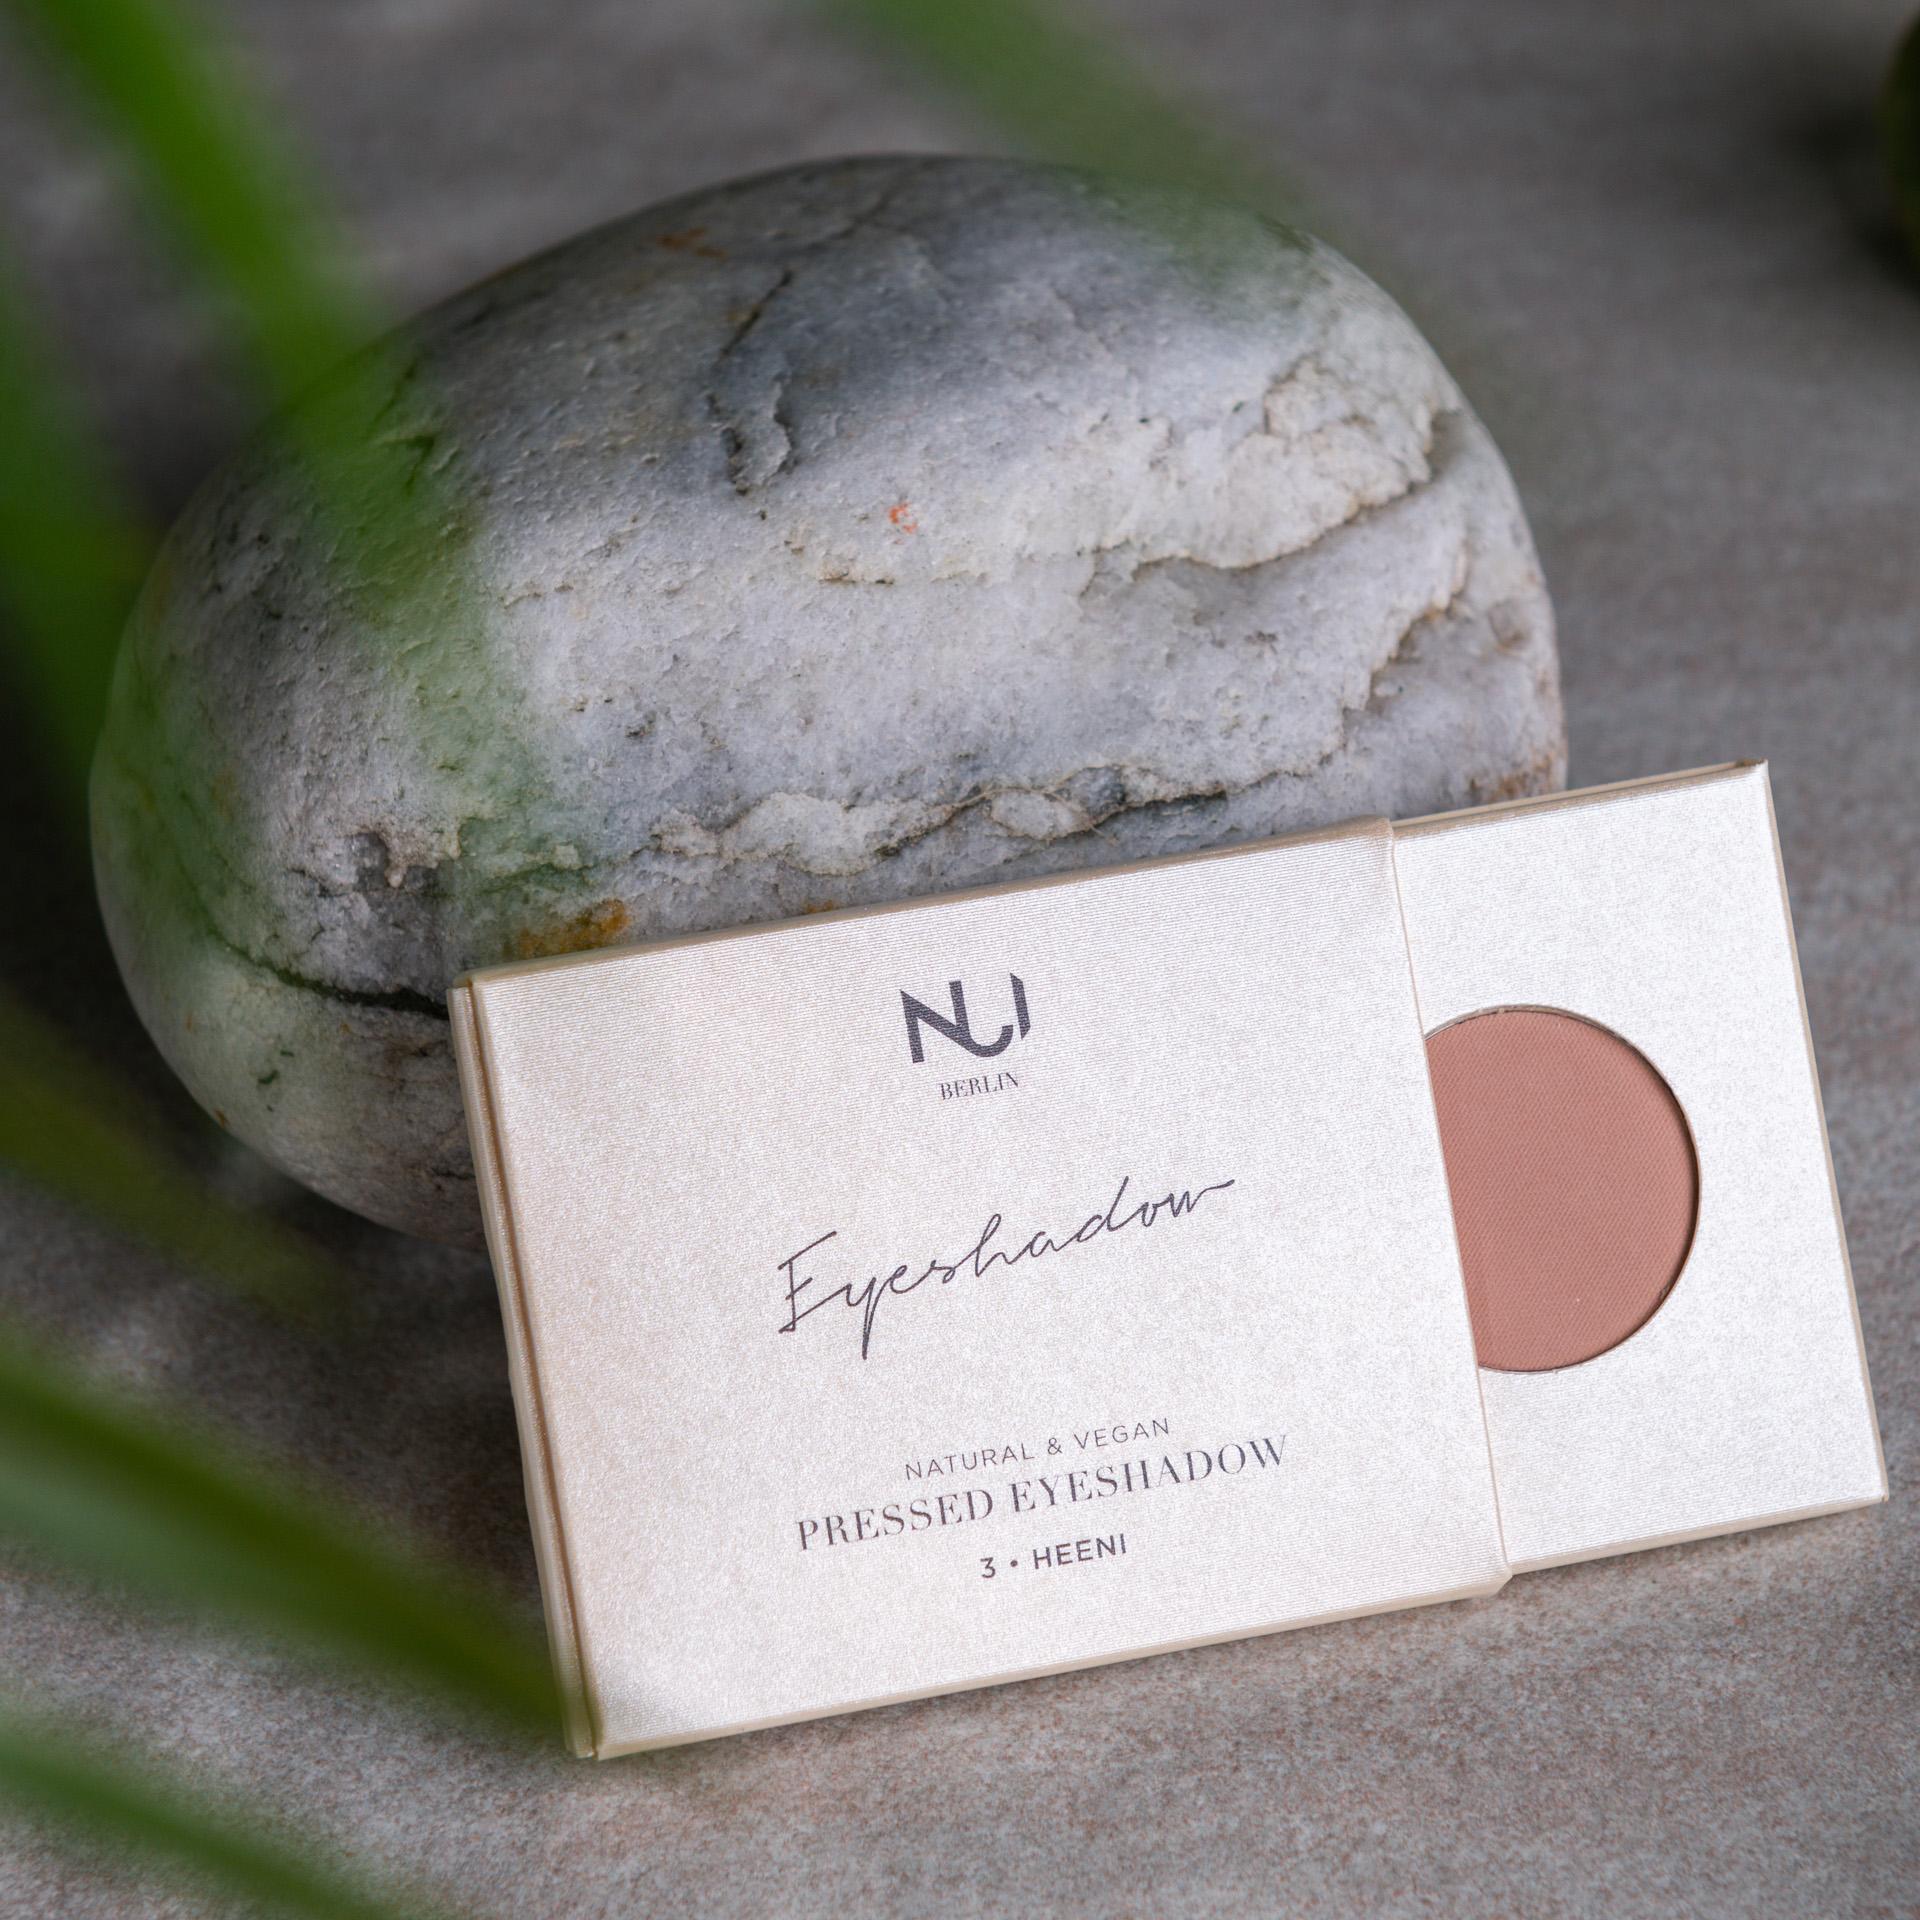 NUI Natural Pressed Eyeshadow 3 HEENI